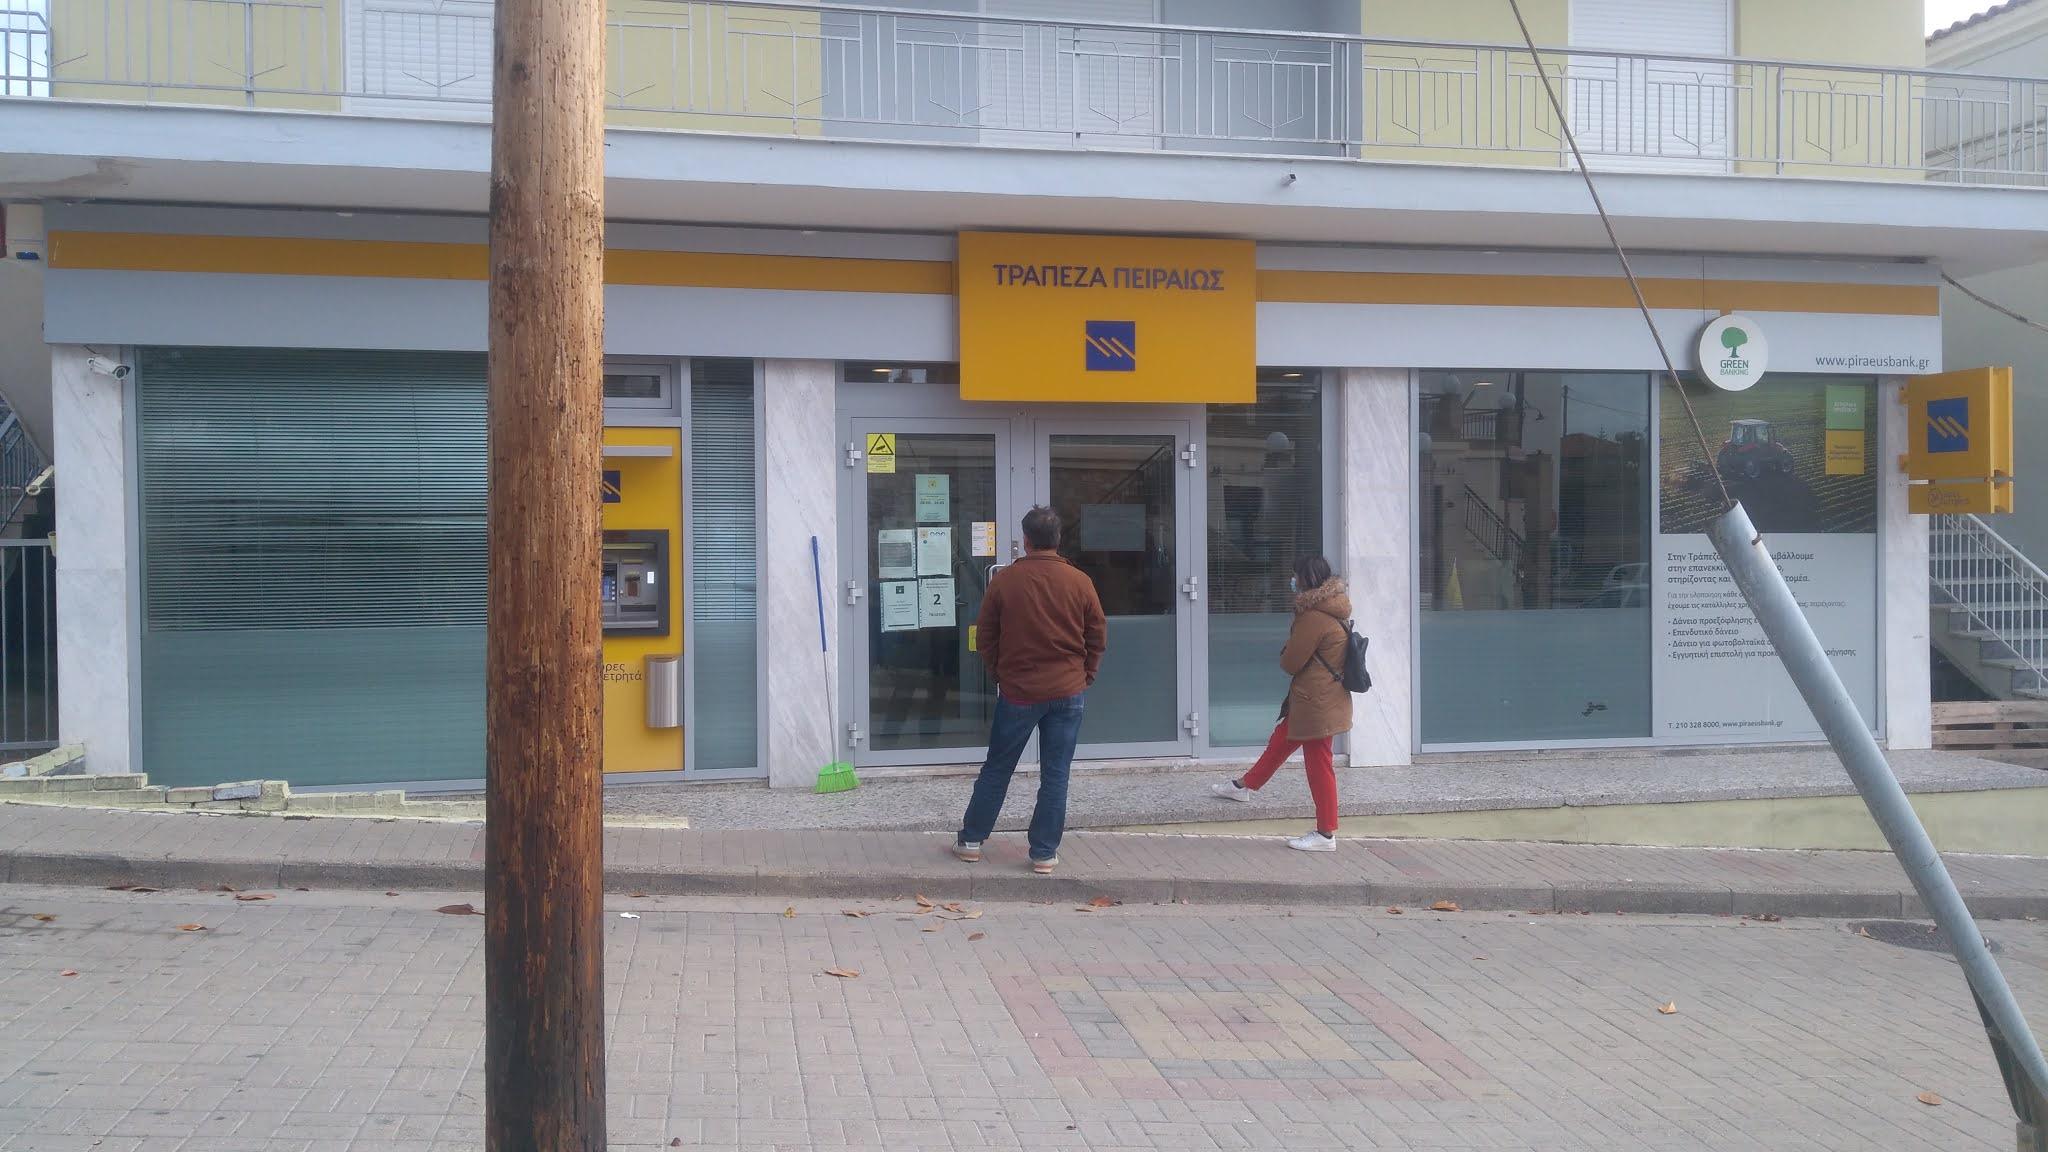 Κατεβάζουν ρολά 4 τράπεζες στη Θράκη – Οι μισές στην Ξάνθη!